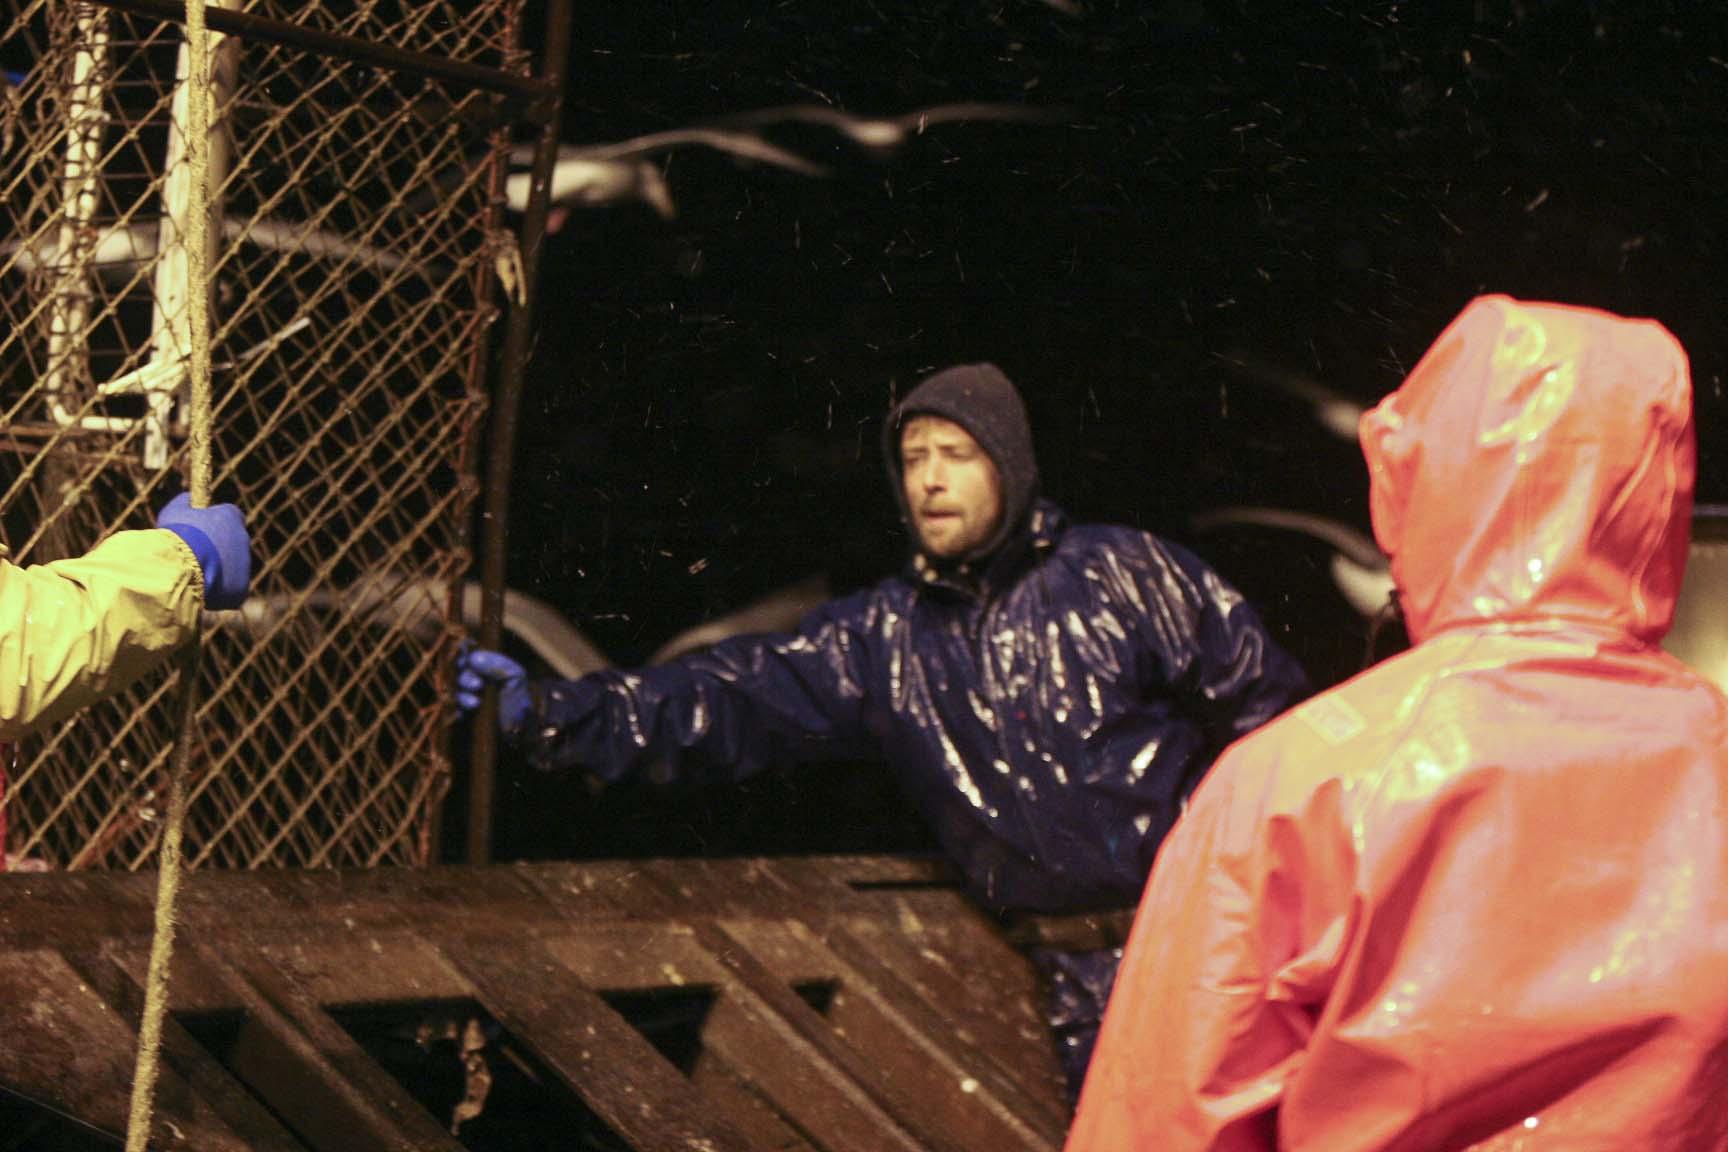 Dutch harbor alaska crab fishing jobs website of guxuwasp for Fishing jobs in alaska